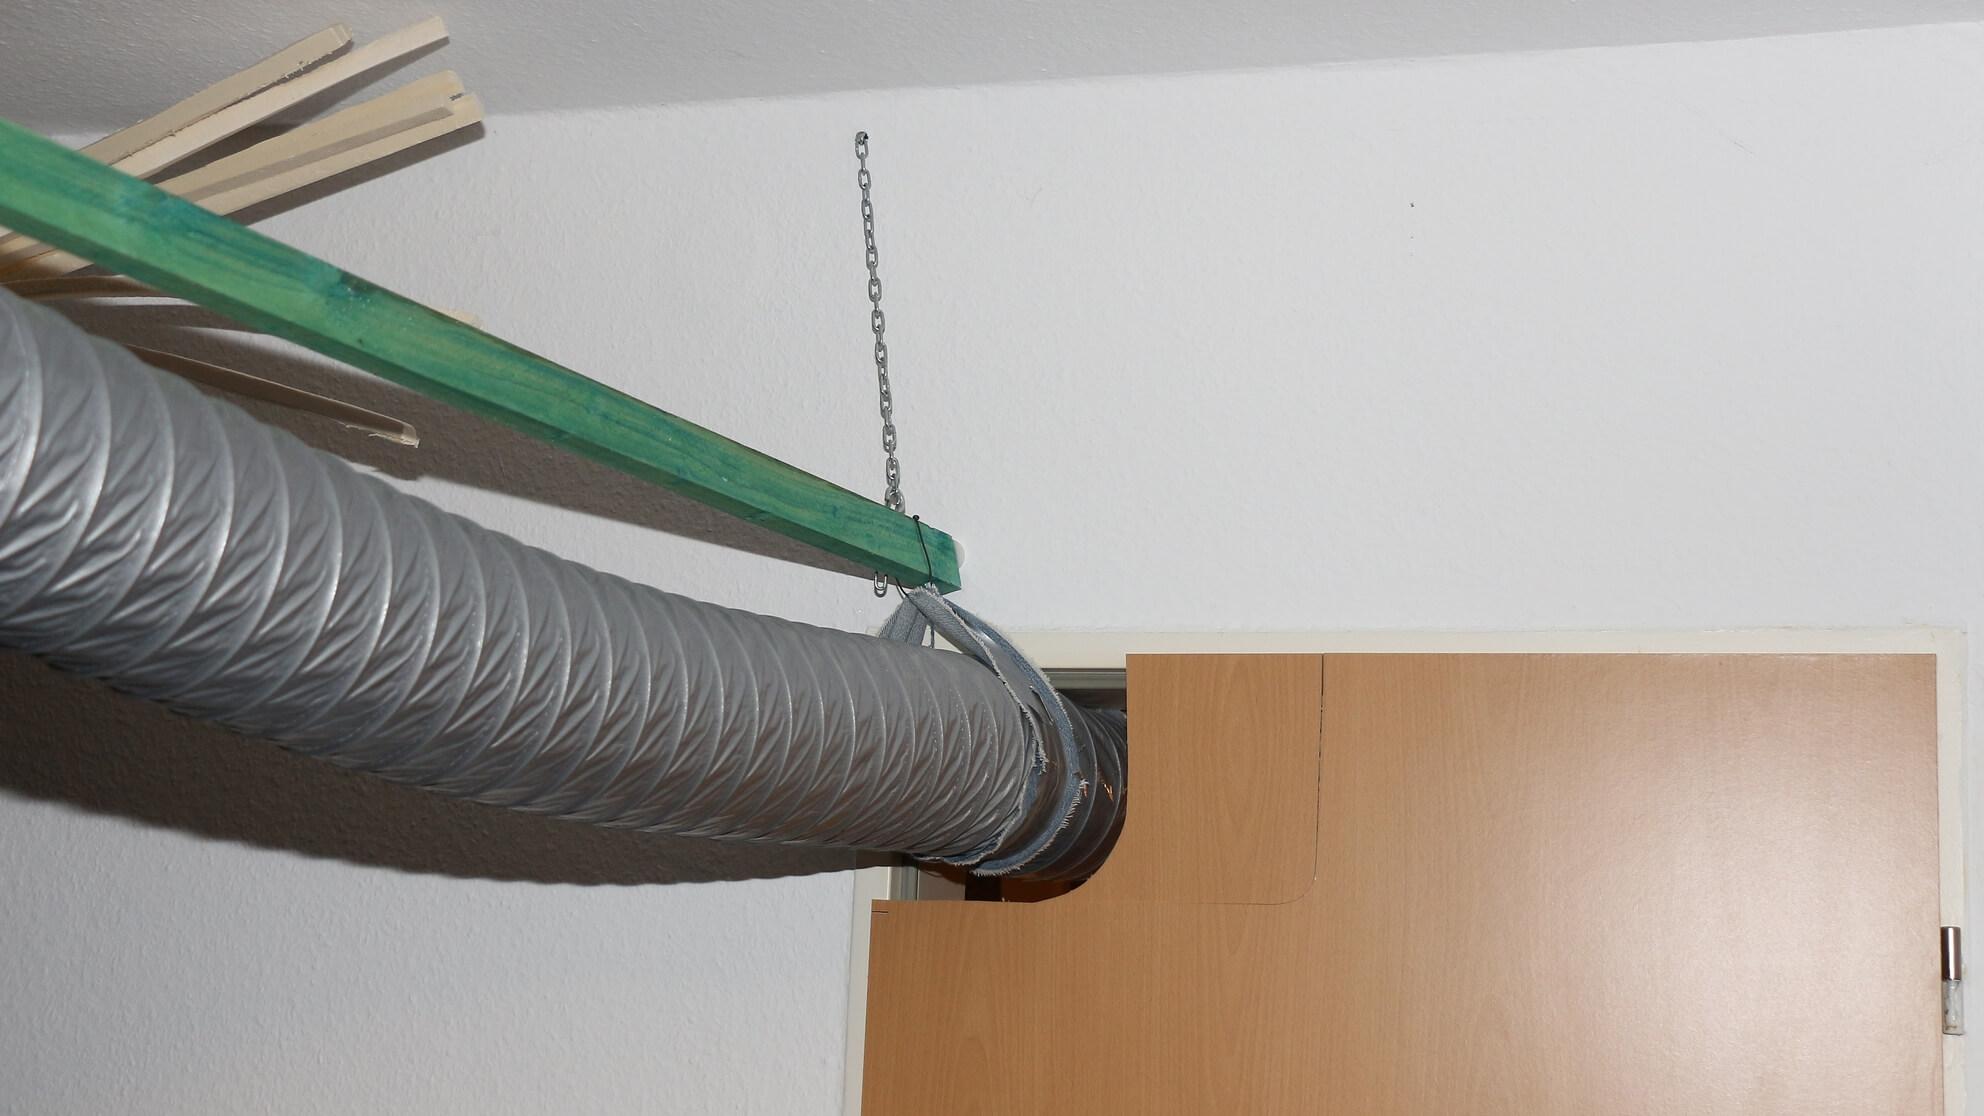 Von der Holzleiste hängt dieser Luftschlauch runter und läuft durch die Tür-Auslassung